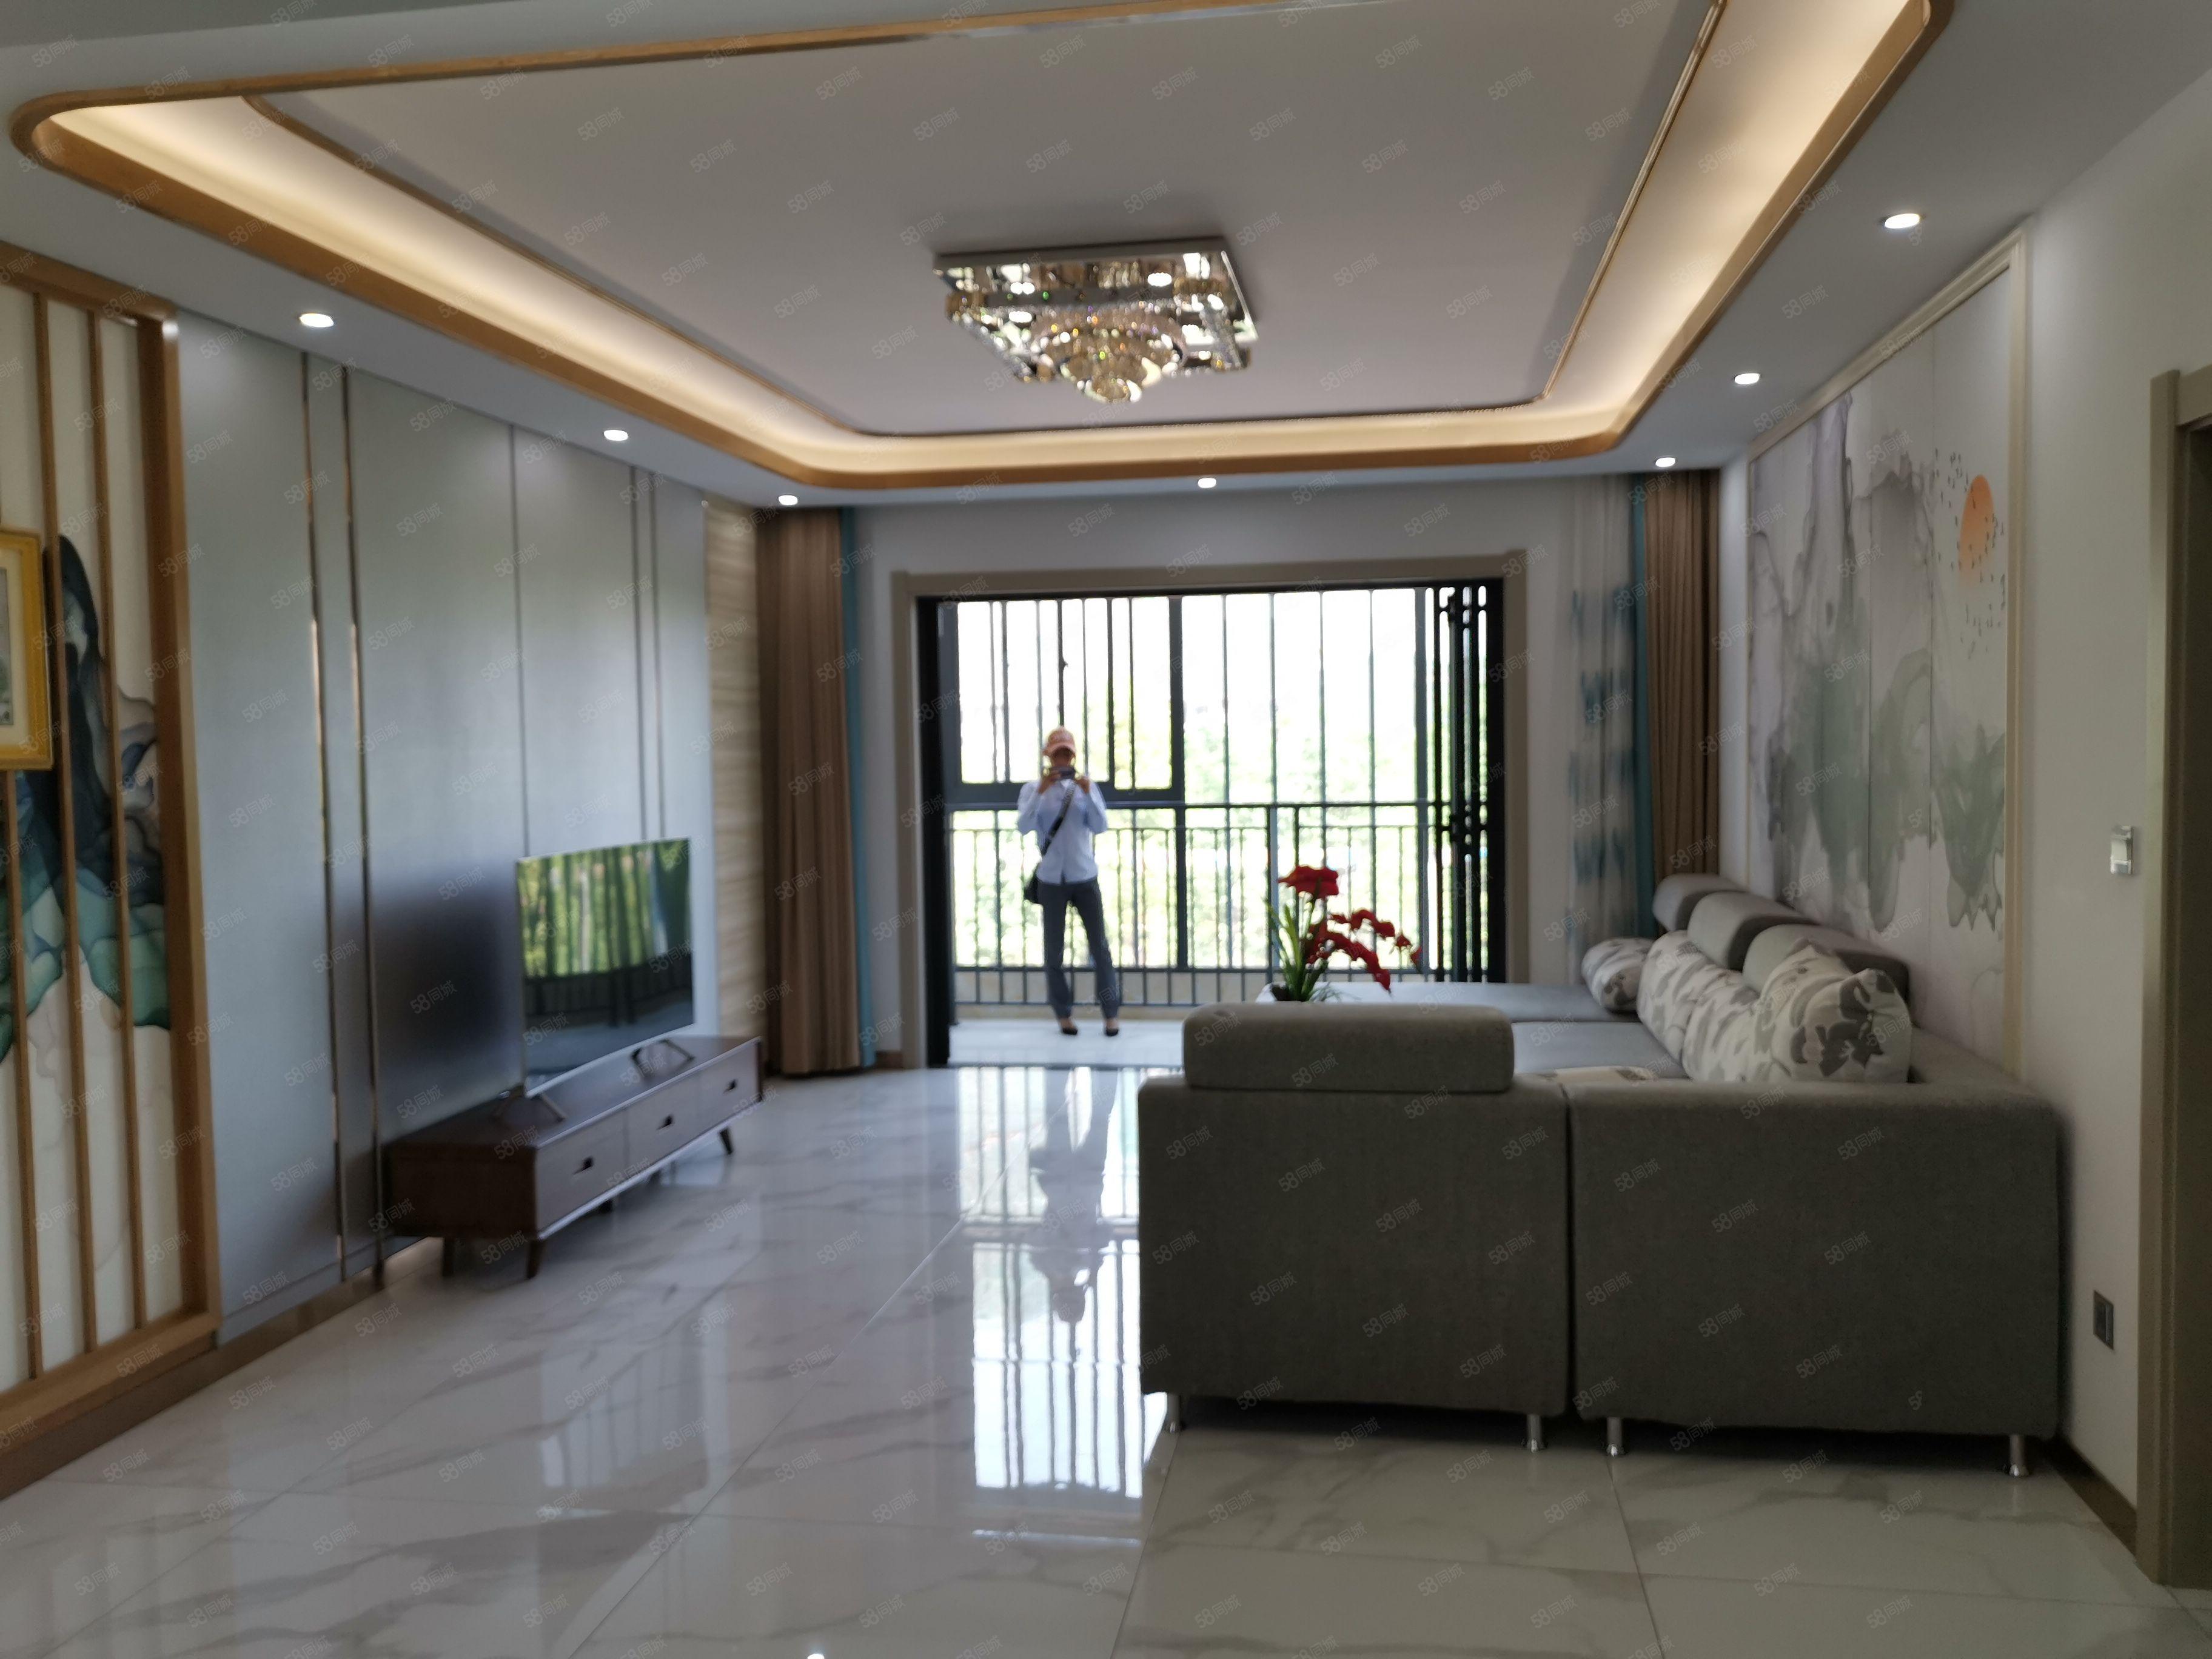 盛林河畔准现房首付18万交房在即6层好楼层错过再等一年